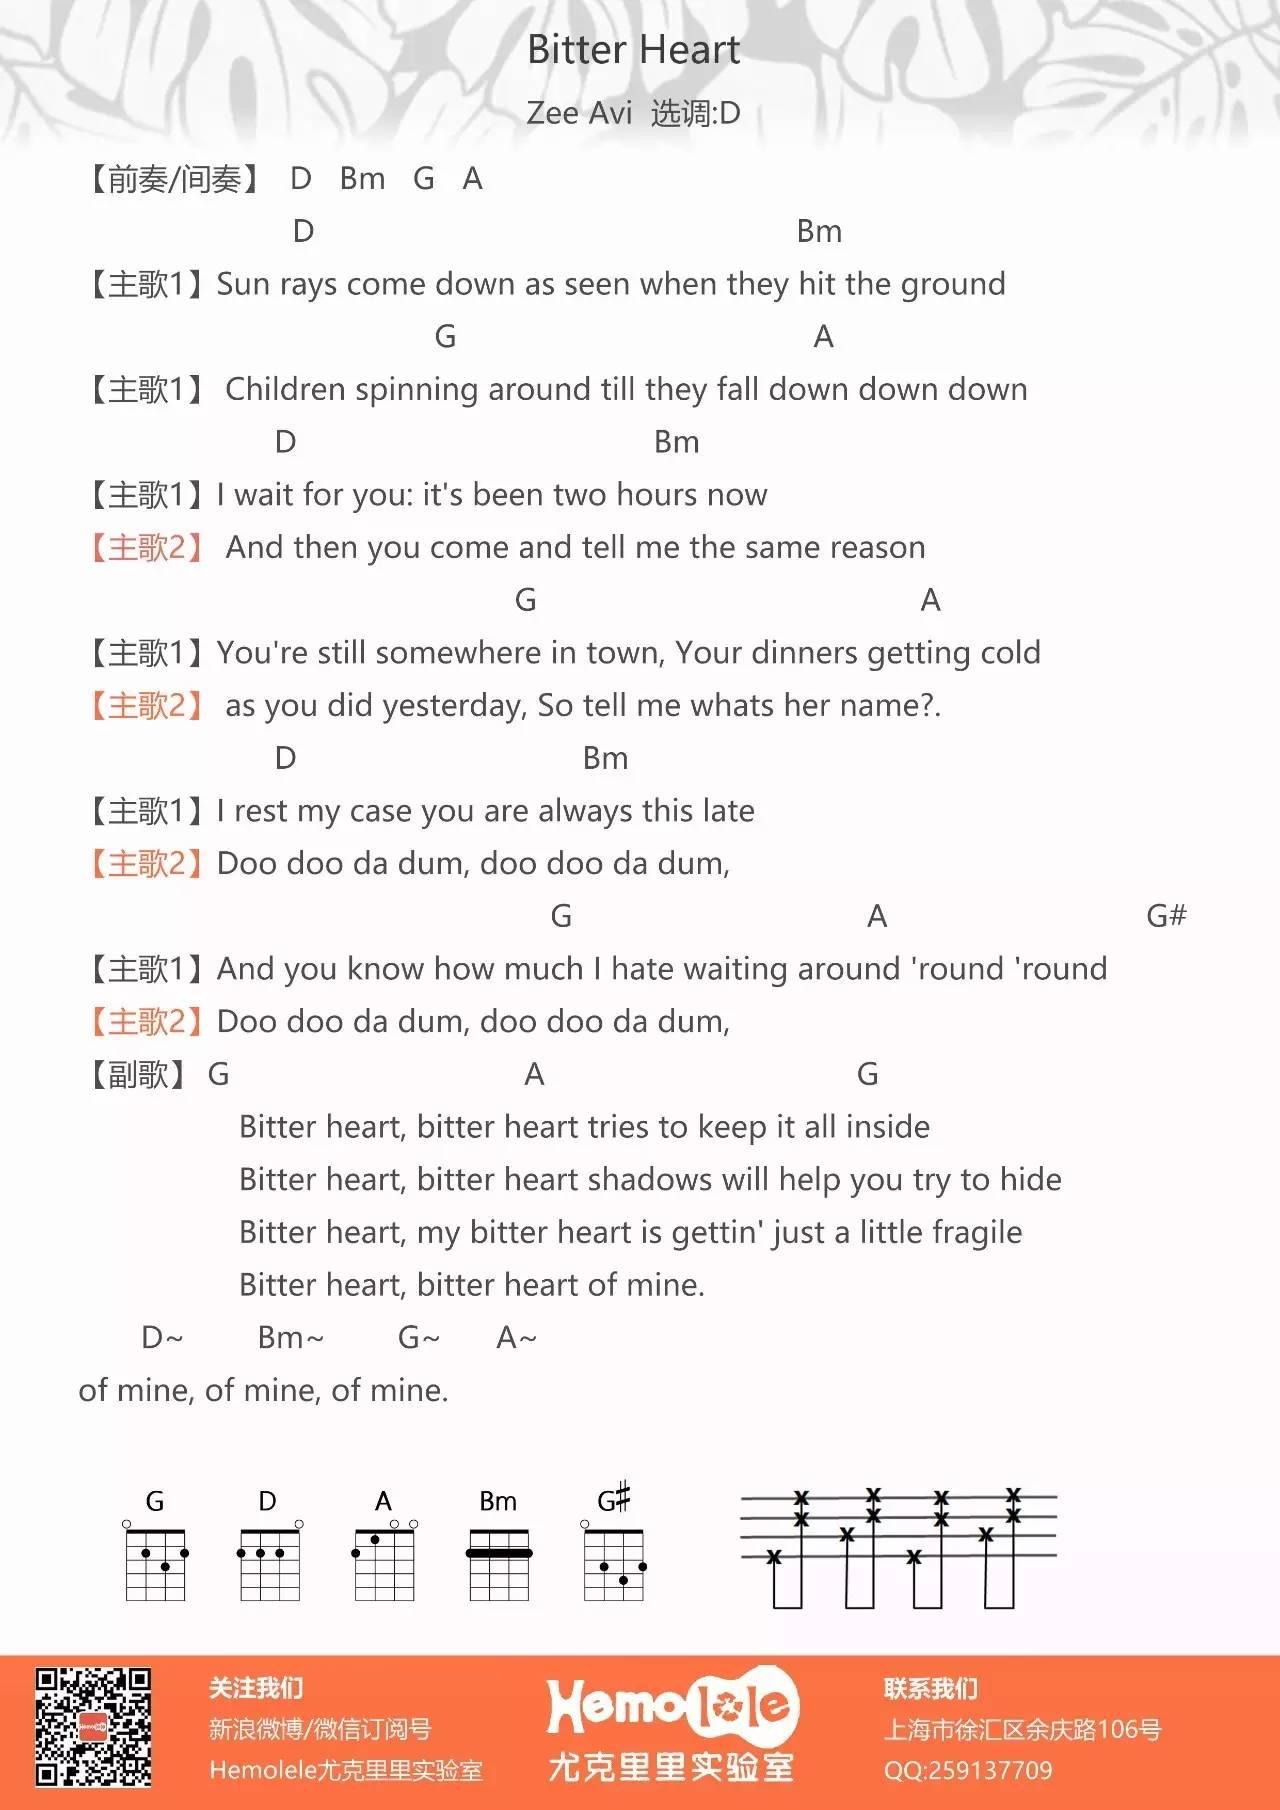 尤克里里谱 bitter heart - zee avi 尤克里里谱  如果你喜欢jazz风的图片